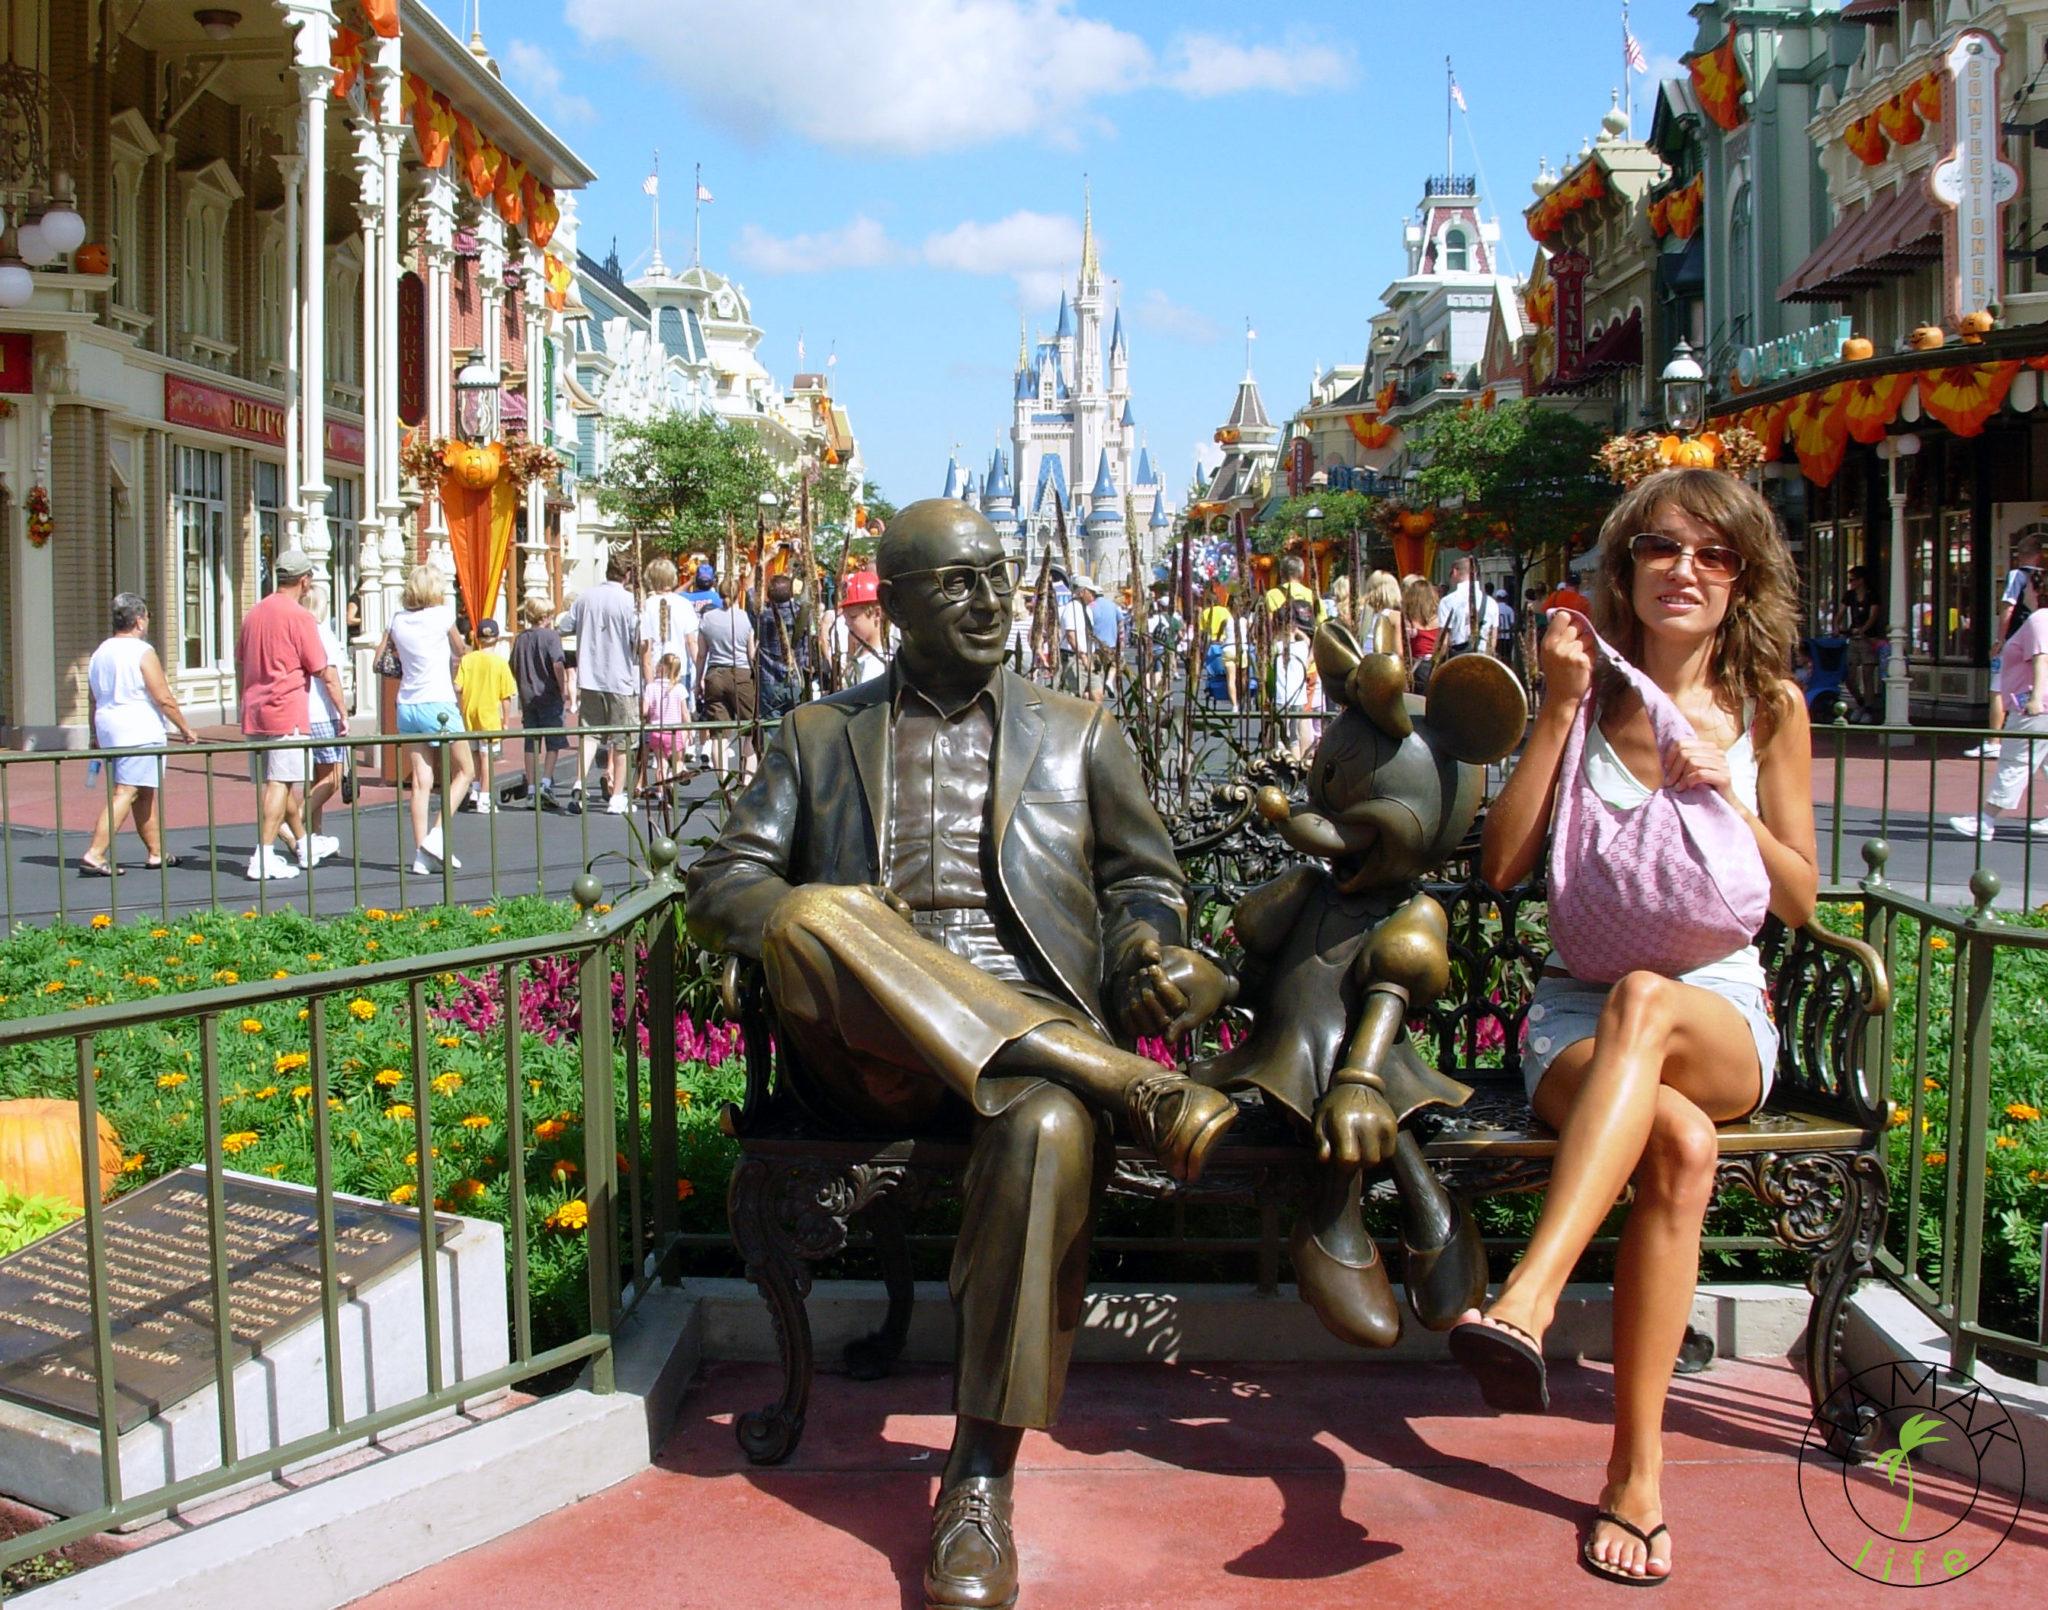 Z Myszką Miki i Waltem Disneyem w Disneylandzie